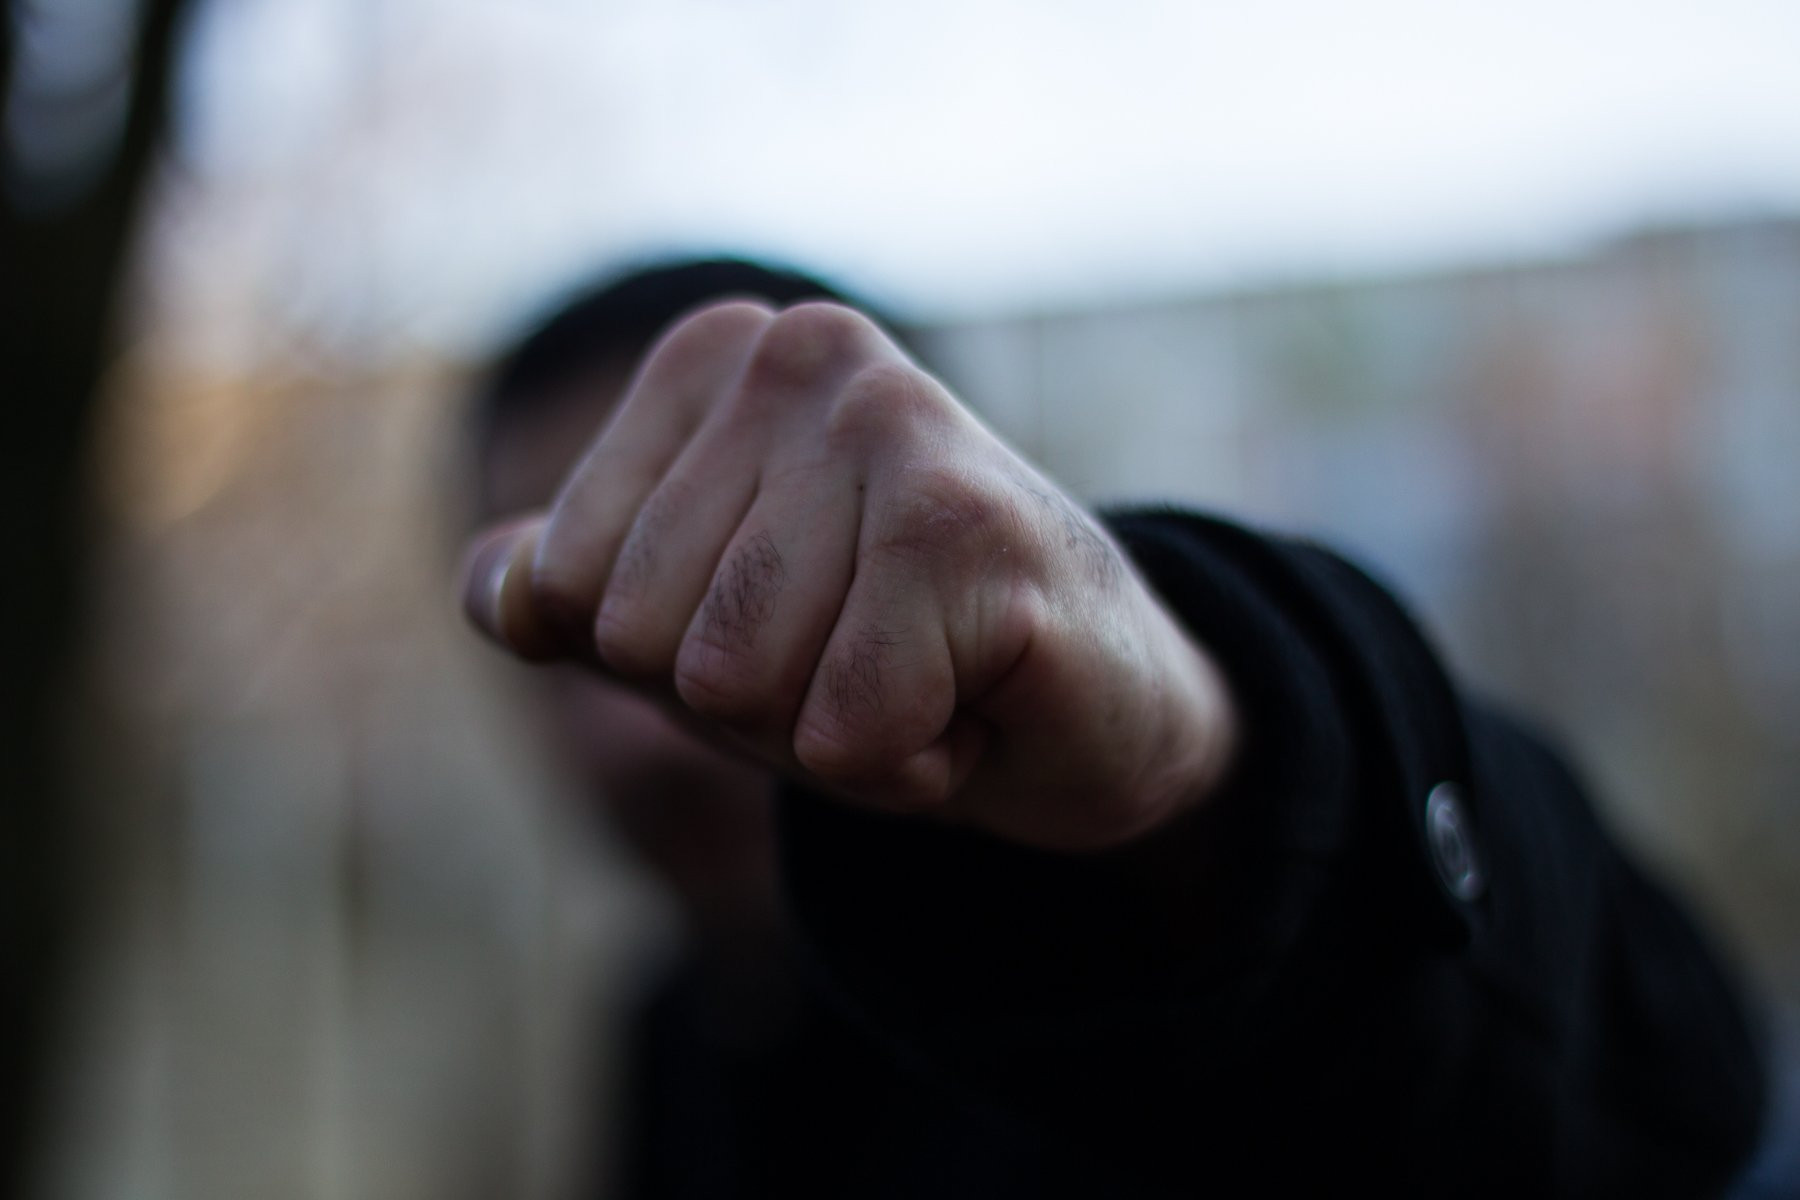 На Херсонщине произошла массовая потасовка: охрана подралась c пoлициeй